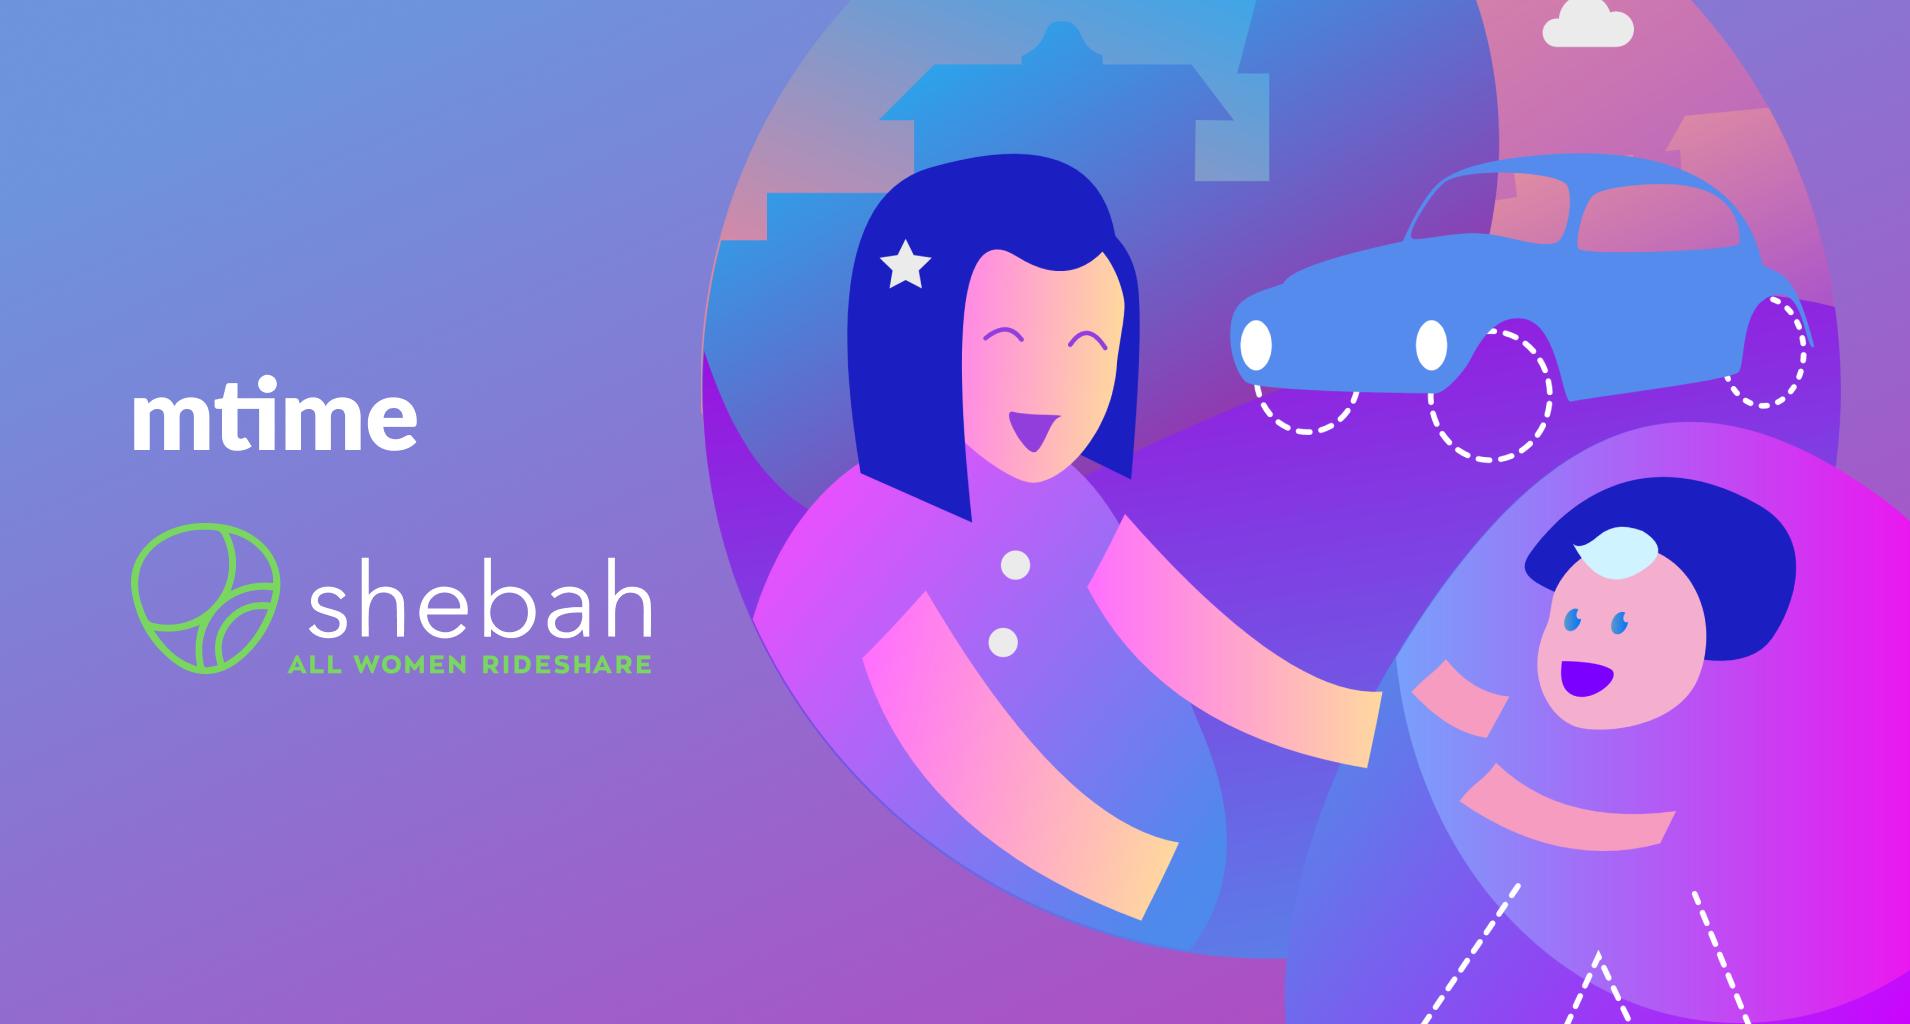 Three reasons why mtime uses Shebah